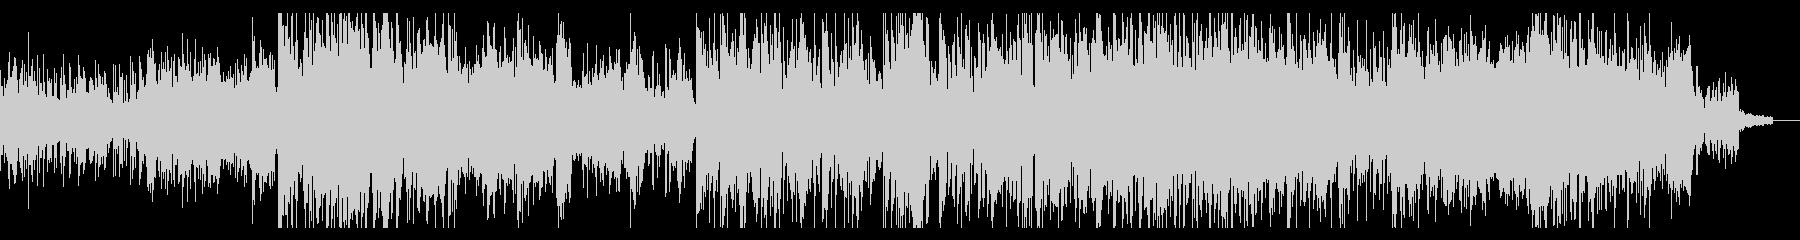 アトモスフィリックなアンビエントIDMの未再生の波形